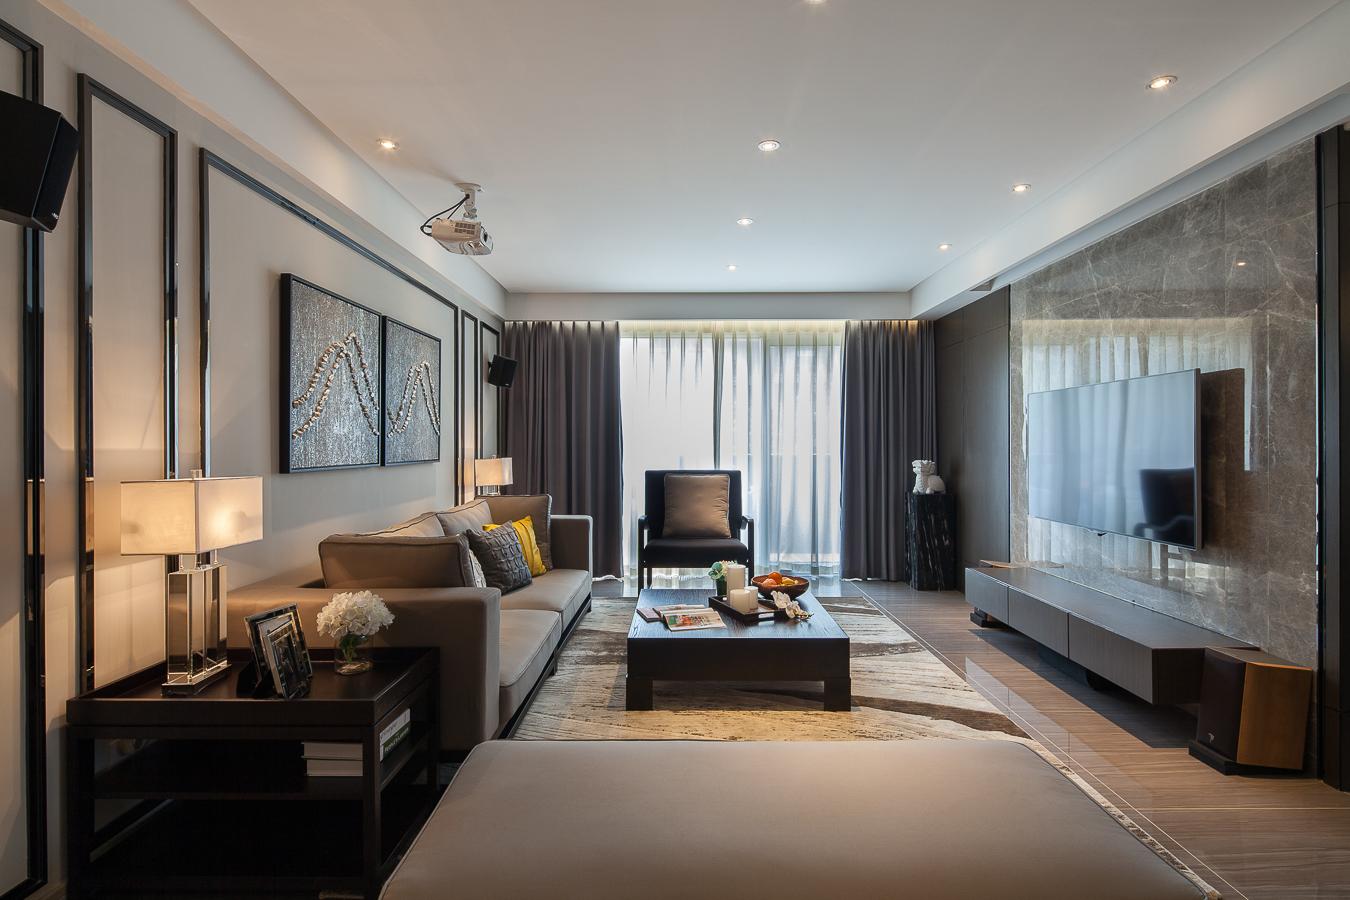 客厅整个没有独立的吊灯设置,让简约之美更加凸显。